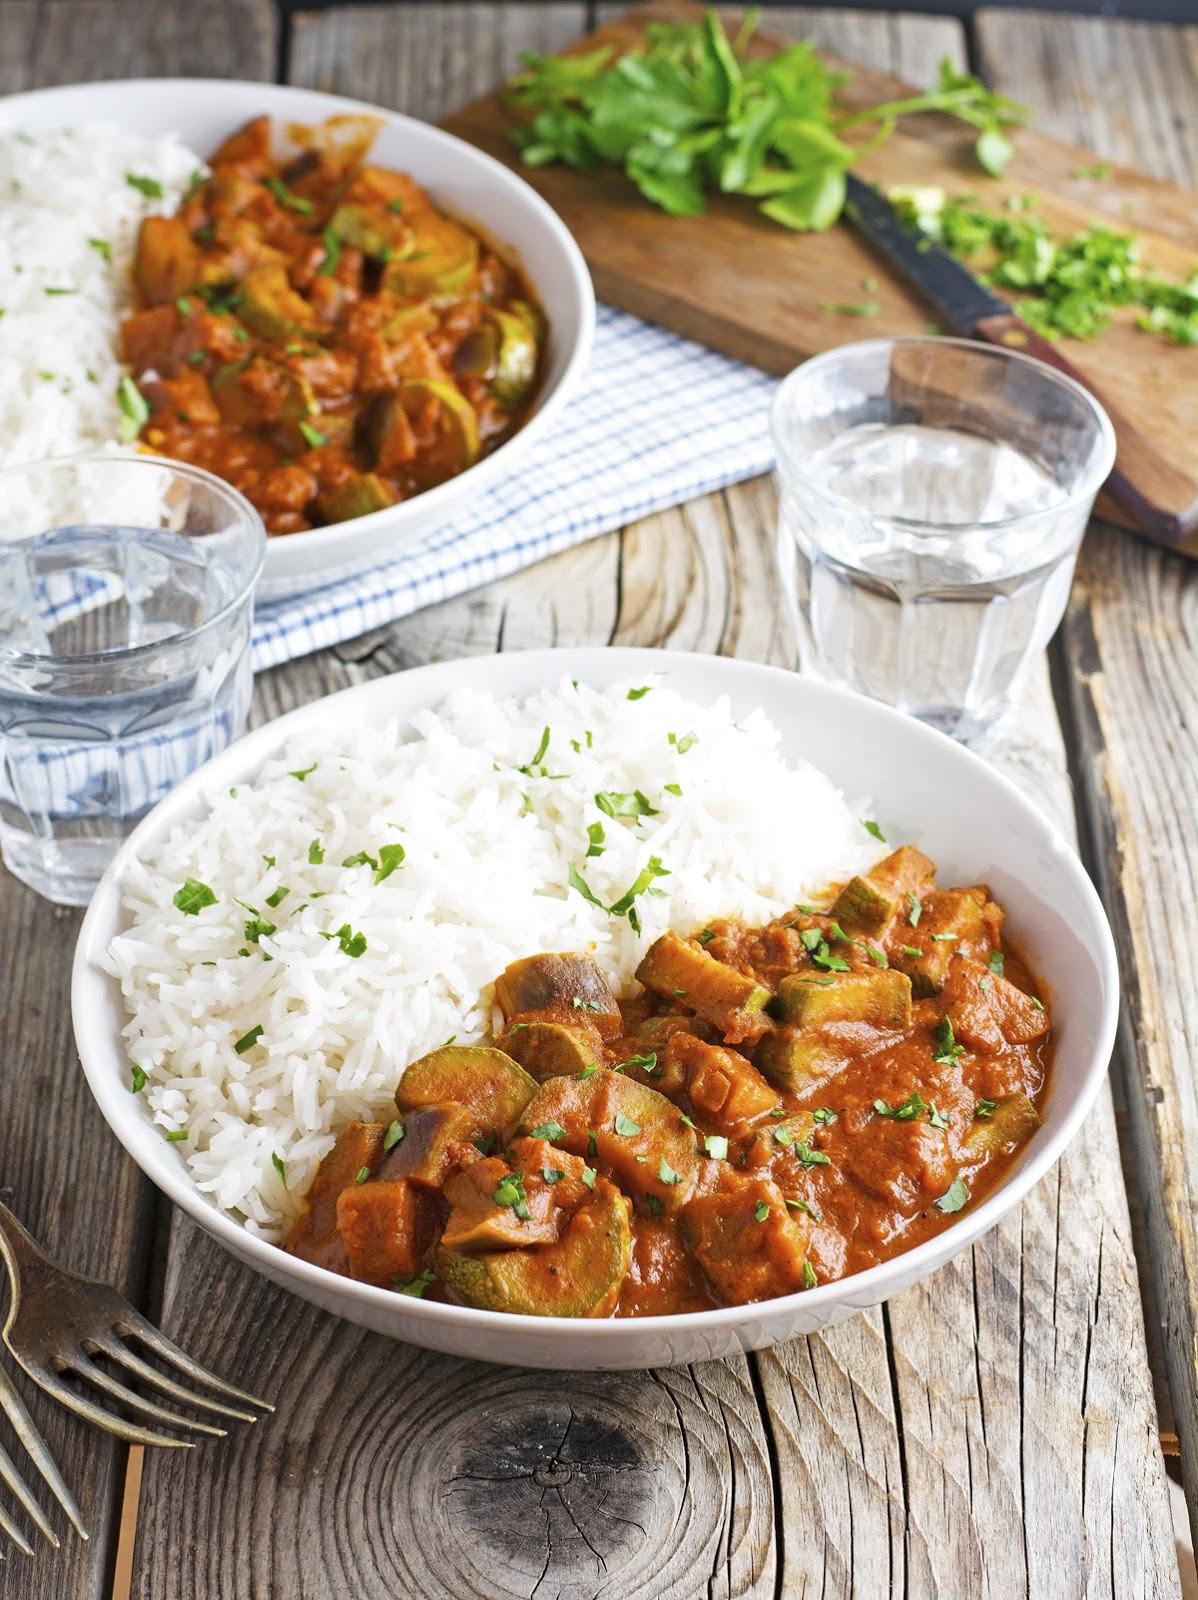 Vegan Crock Pot Recipes  The Iron You Vegan Creamy Crock Pot Eggplant and